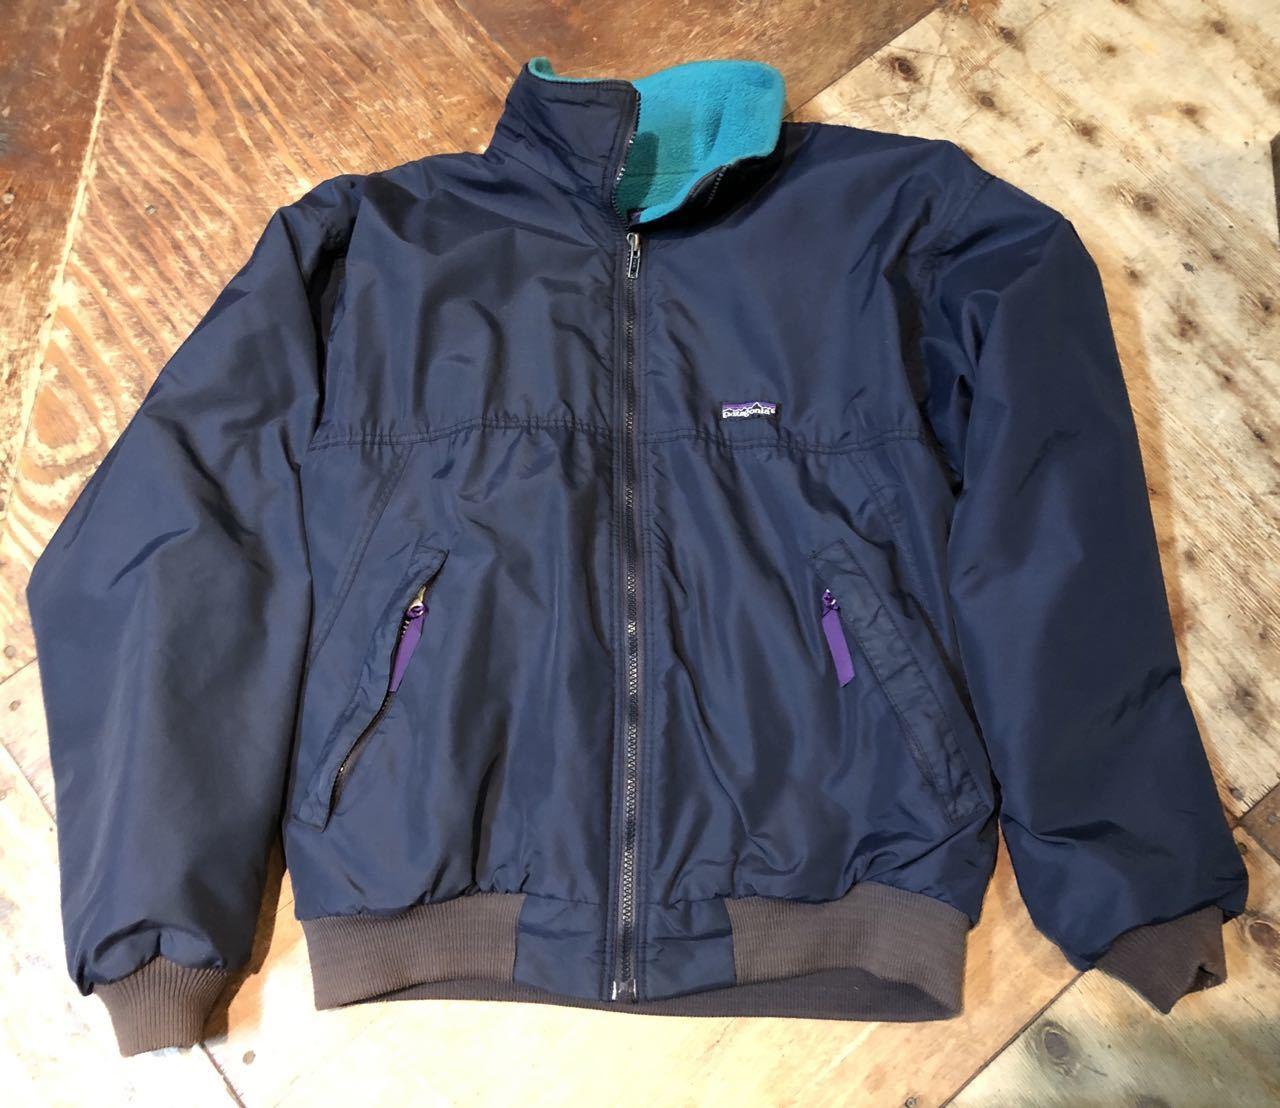 12月28日(土)入荷!90s Made in U.S.A  パタゴニア patagonia ナイロンシェルジャケット! _c0144020_19202767.jpg